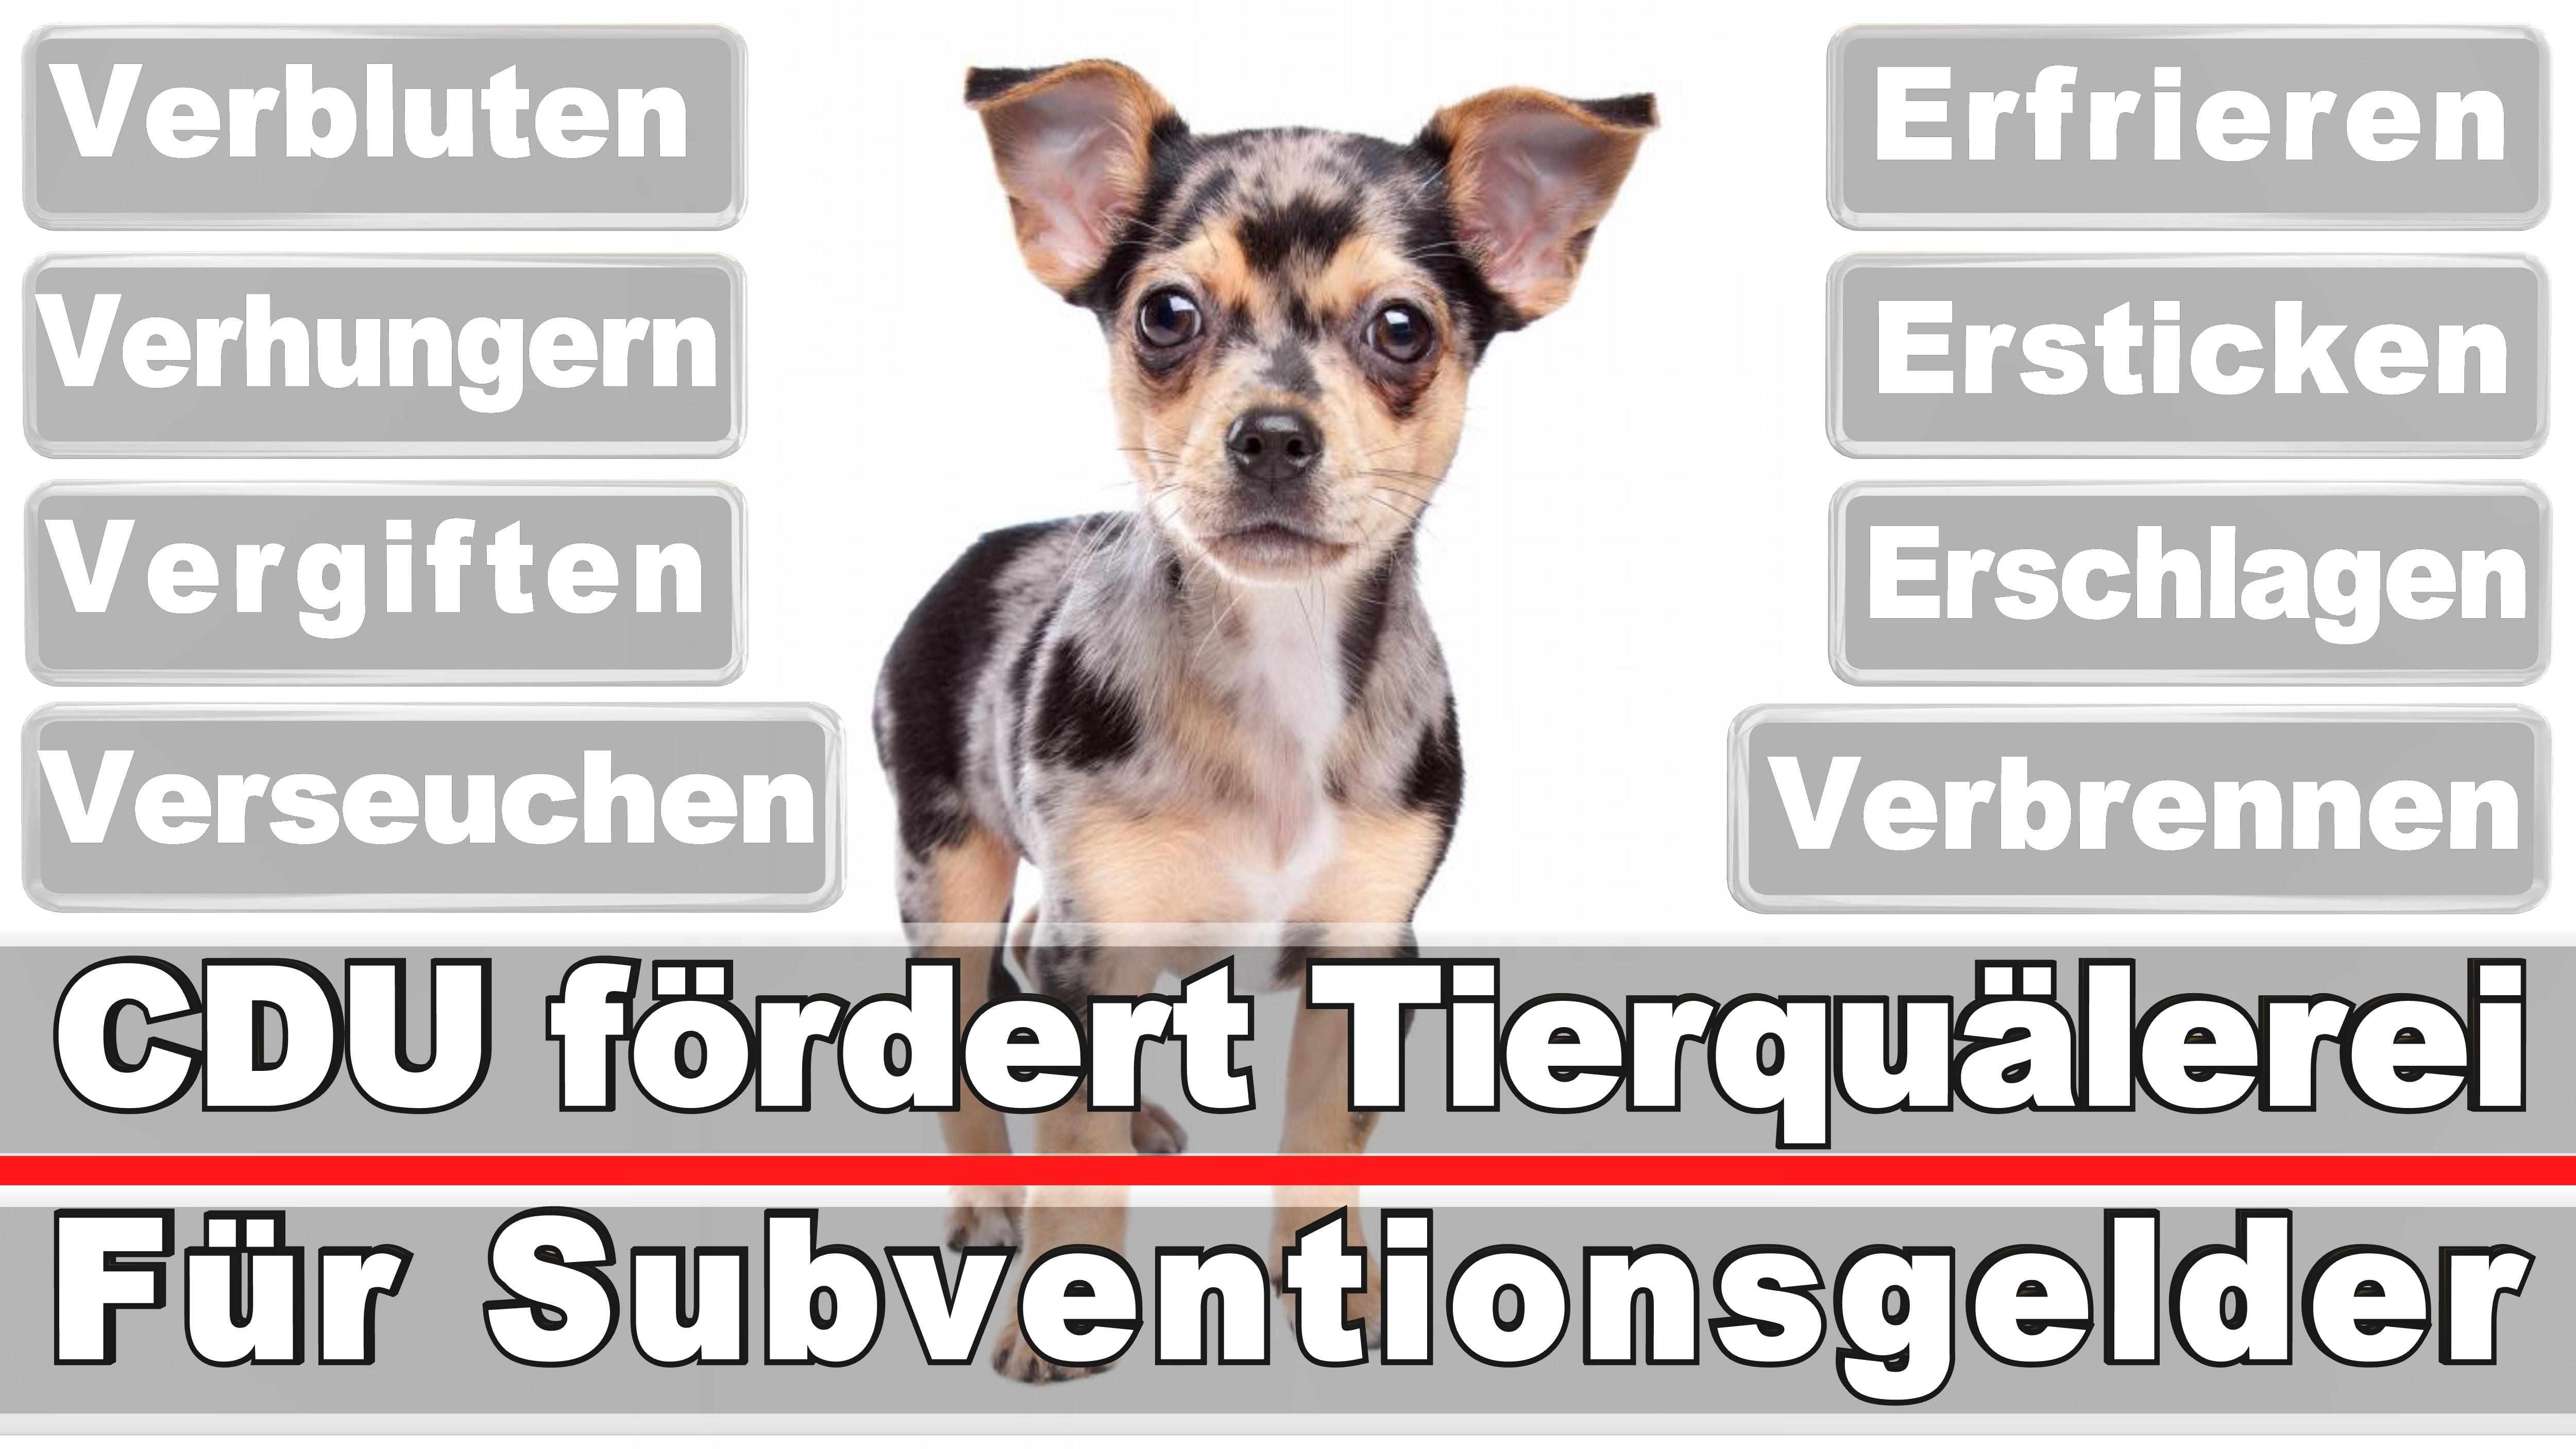 Landtagswahl-Bundestagswahl-CDU-SPD-FDP-AFD-Linke-Piraten (24)